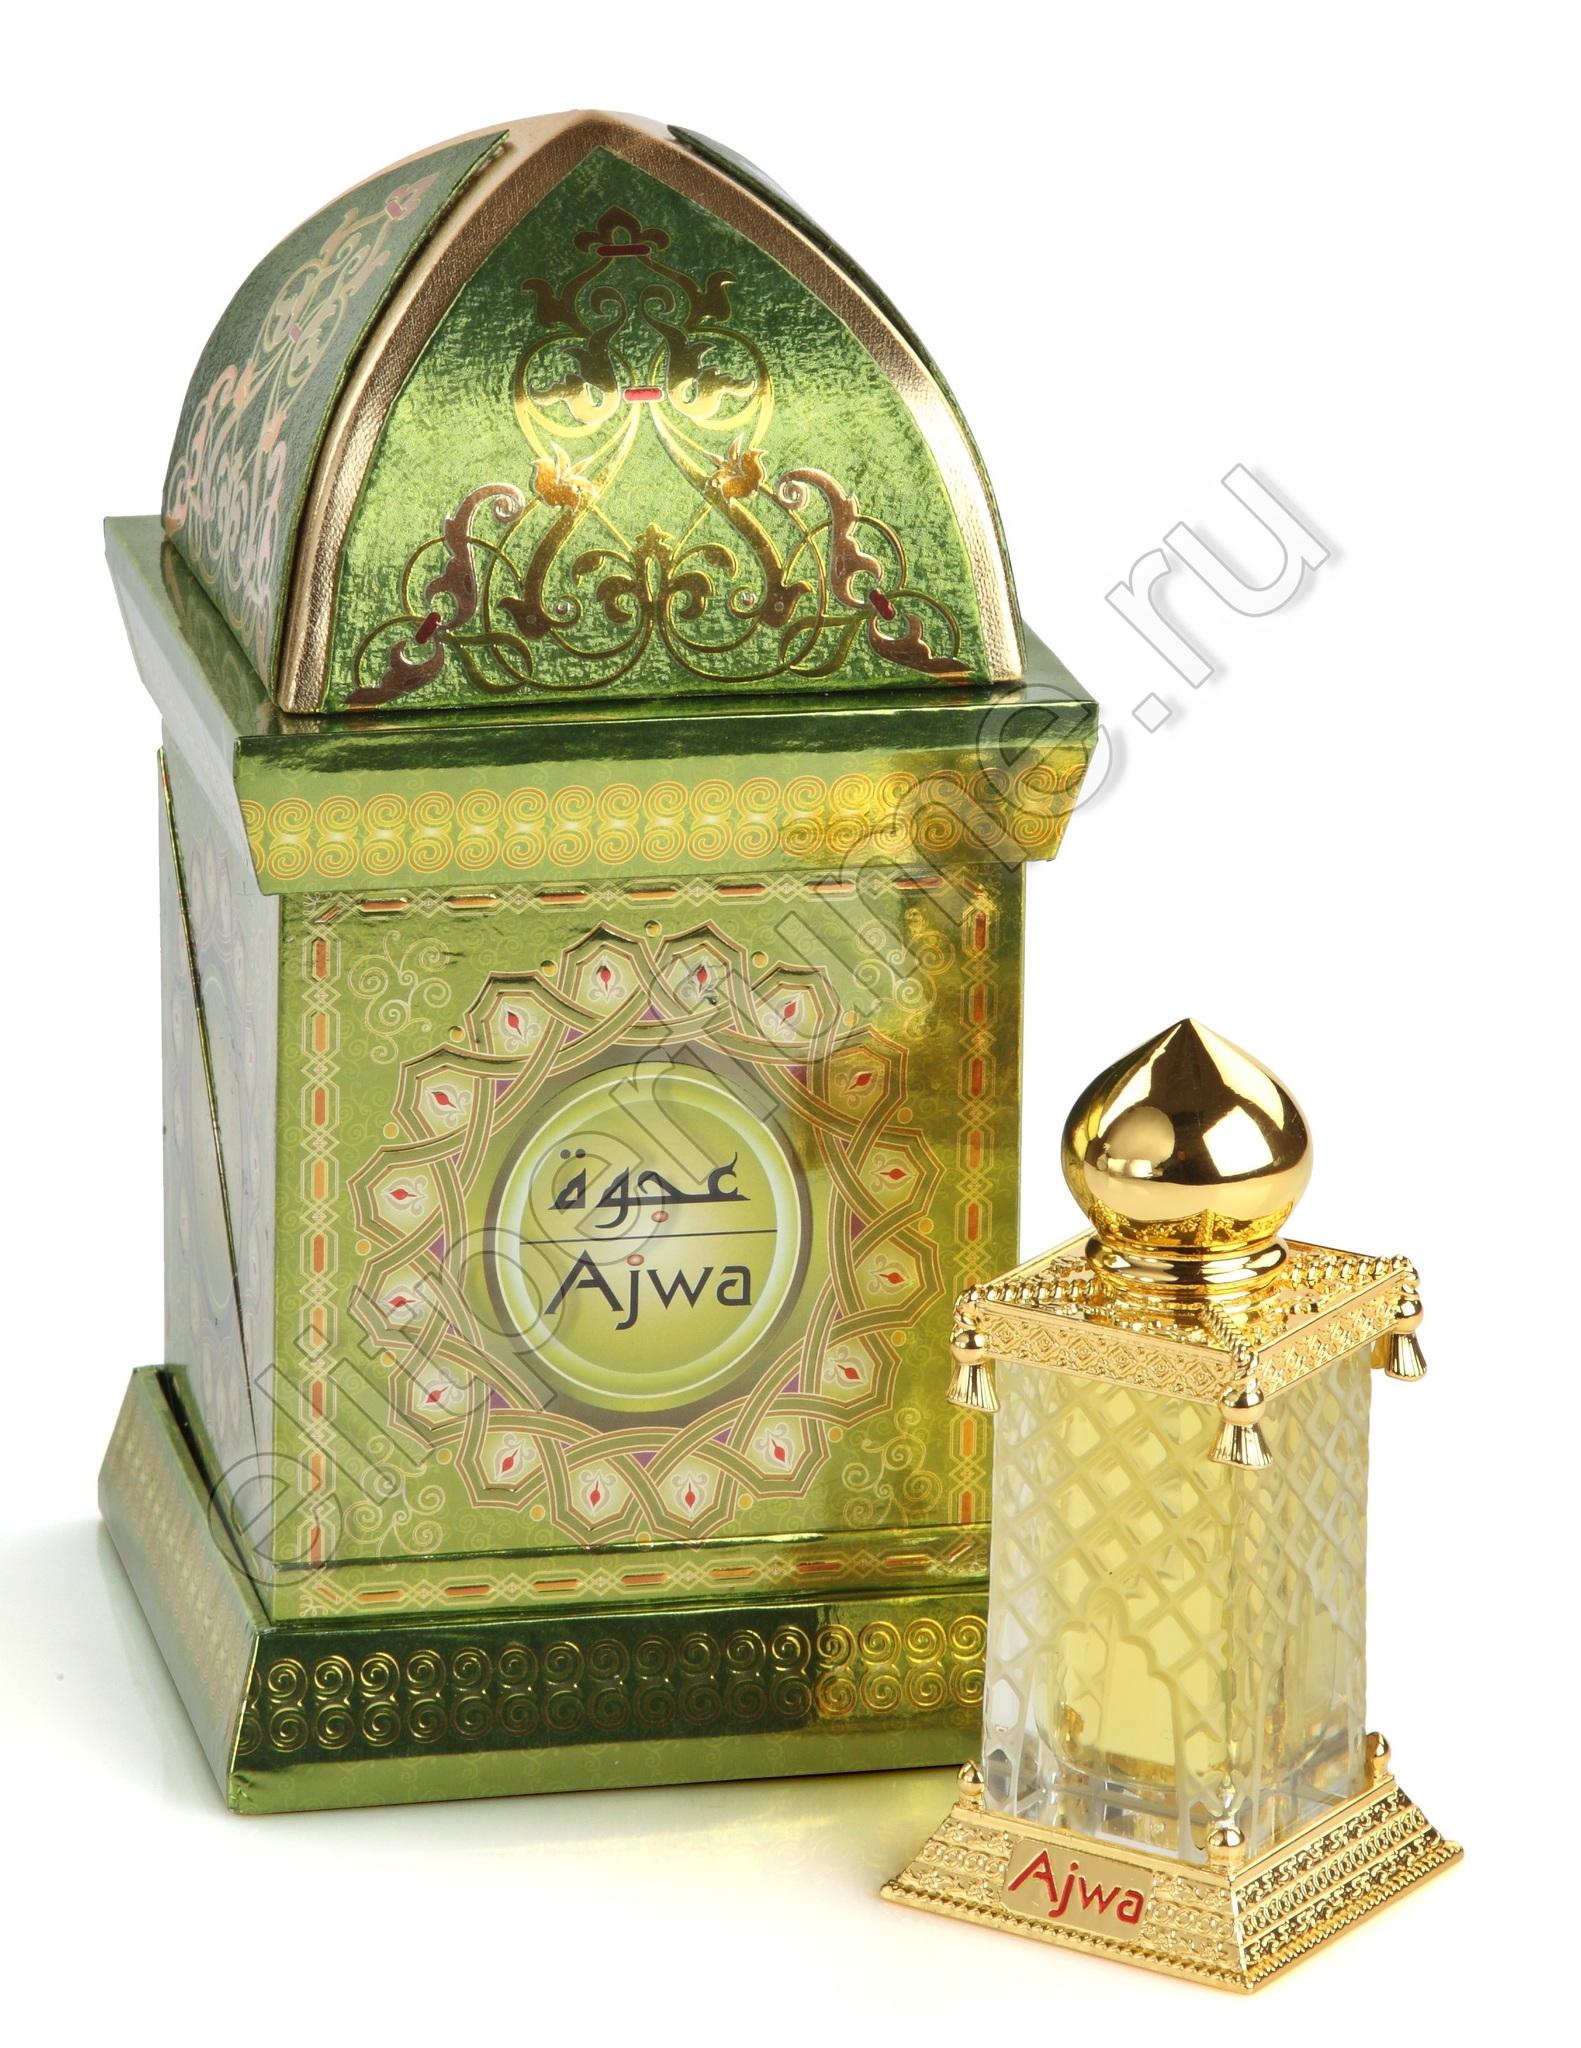 Аджва Ajwa 30 мл арабские мужские масляные духи от Аль Харамайн Al Haramain Perfumes